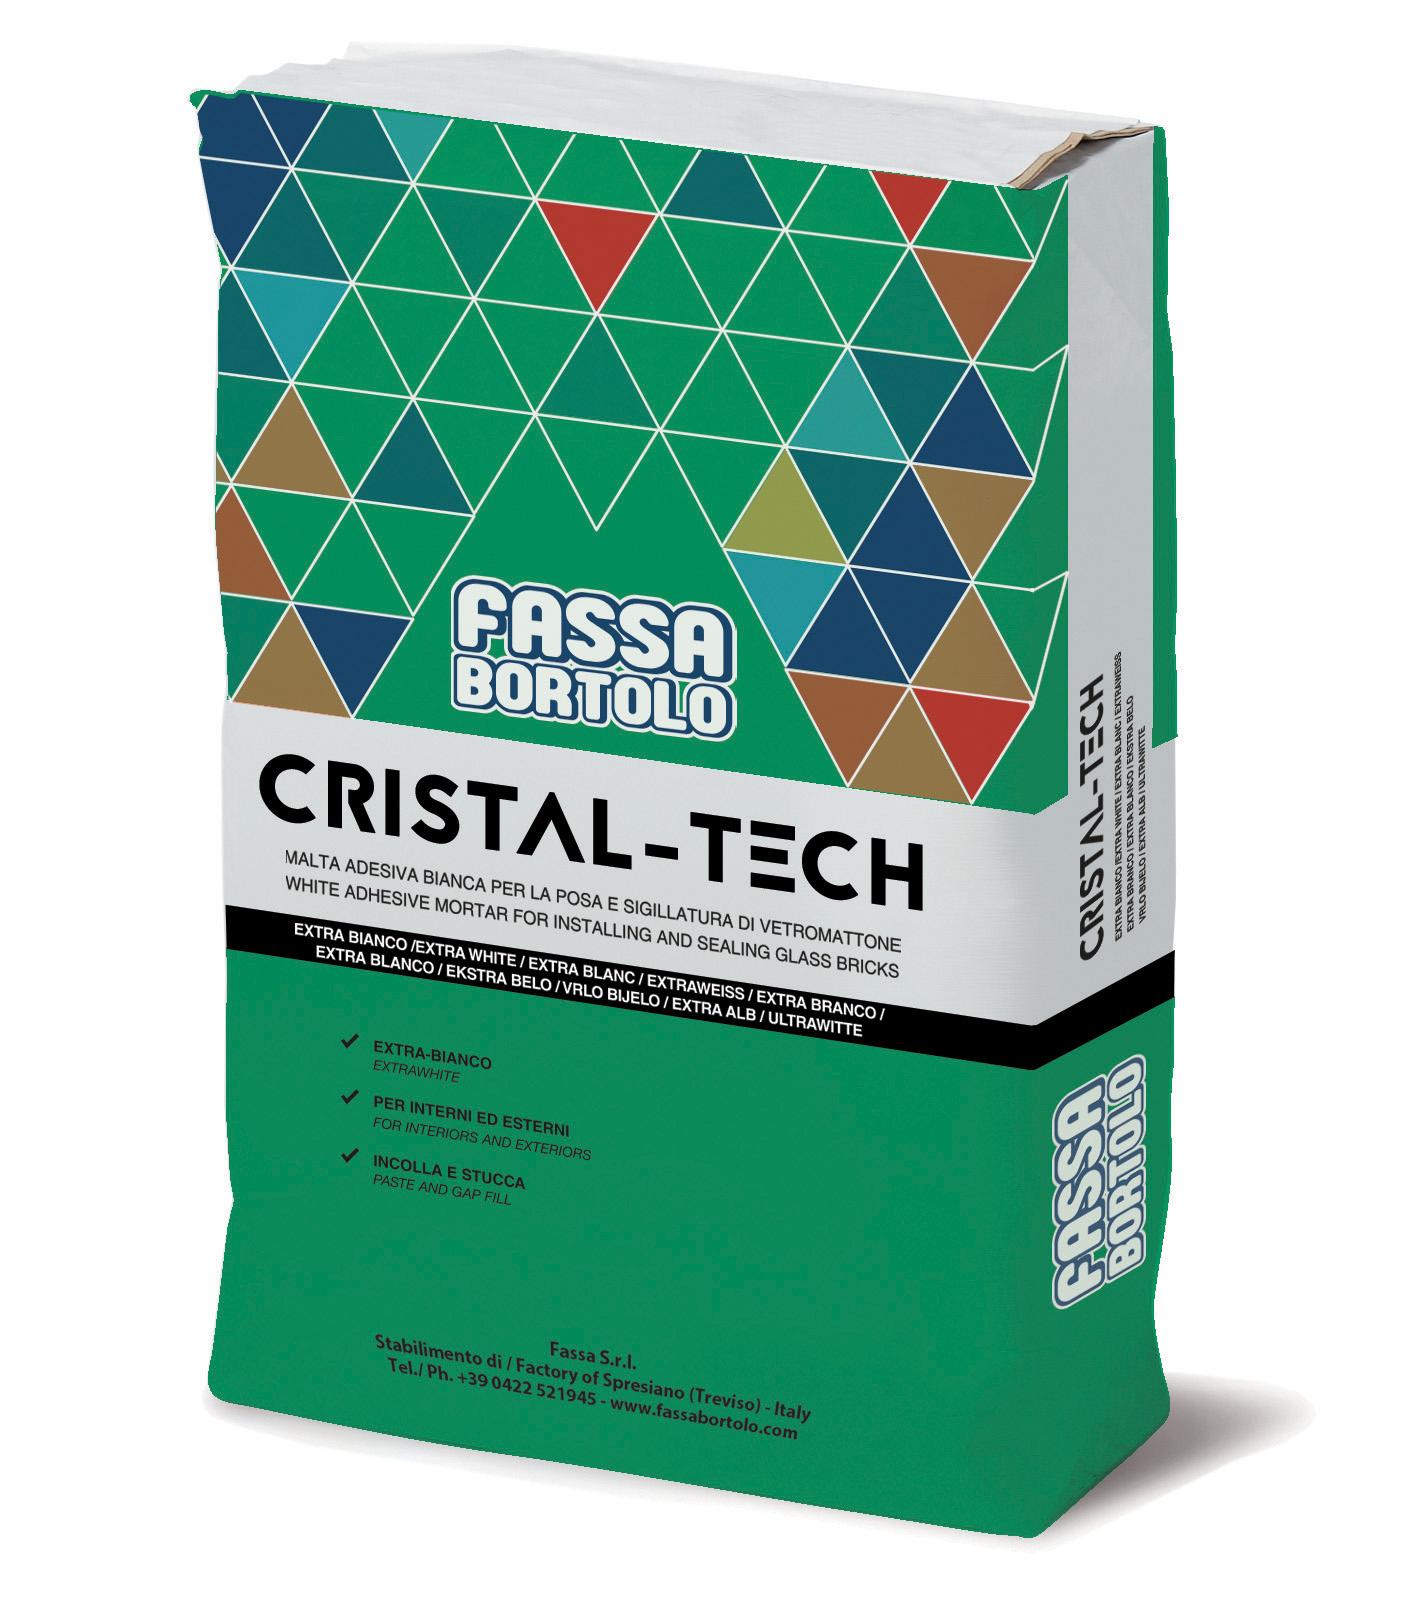 CRISTAL-TECH